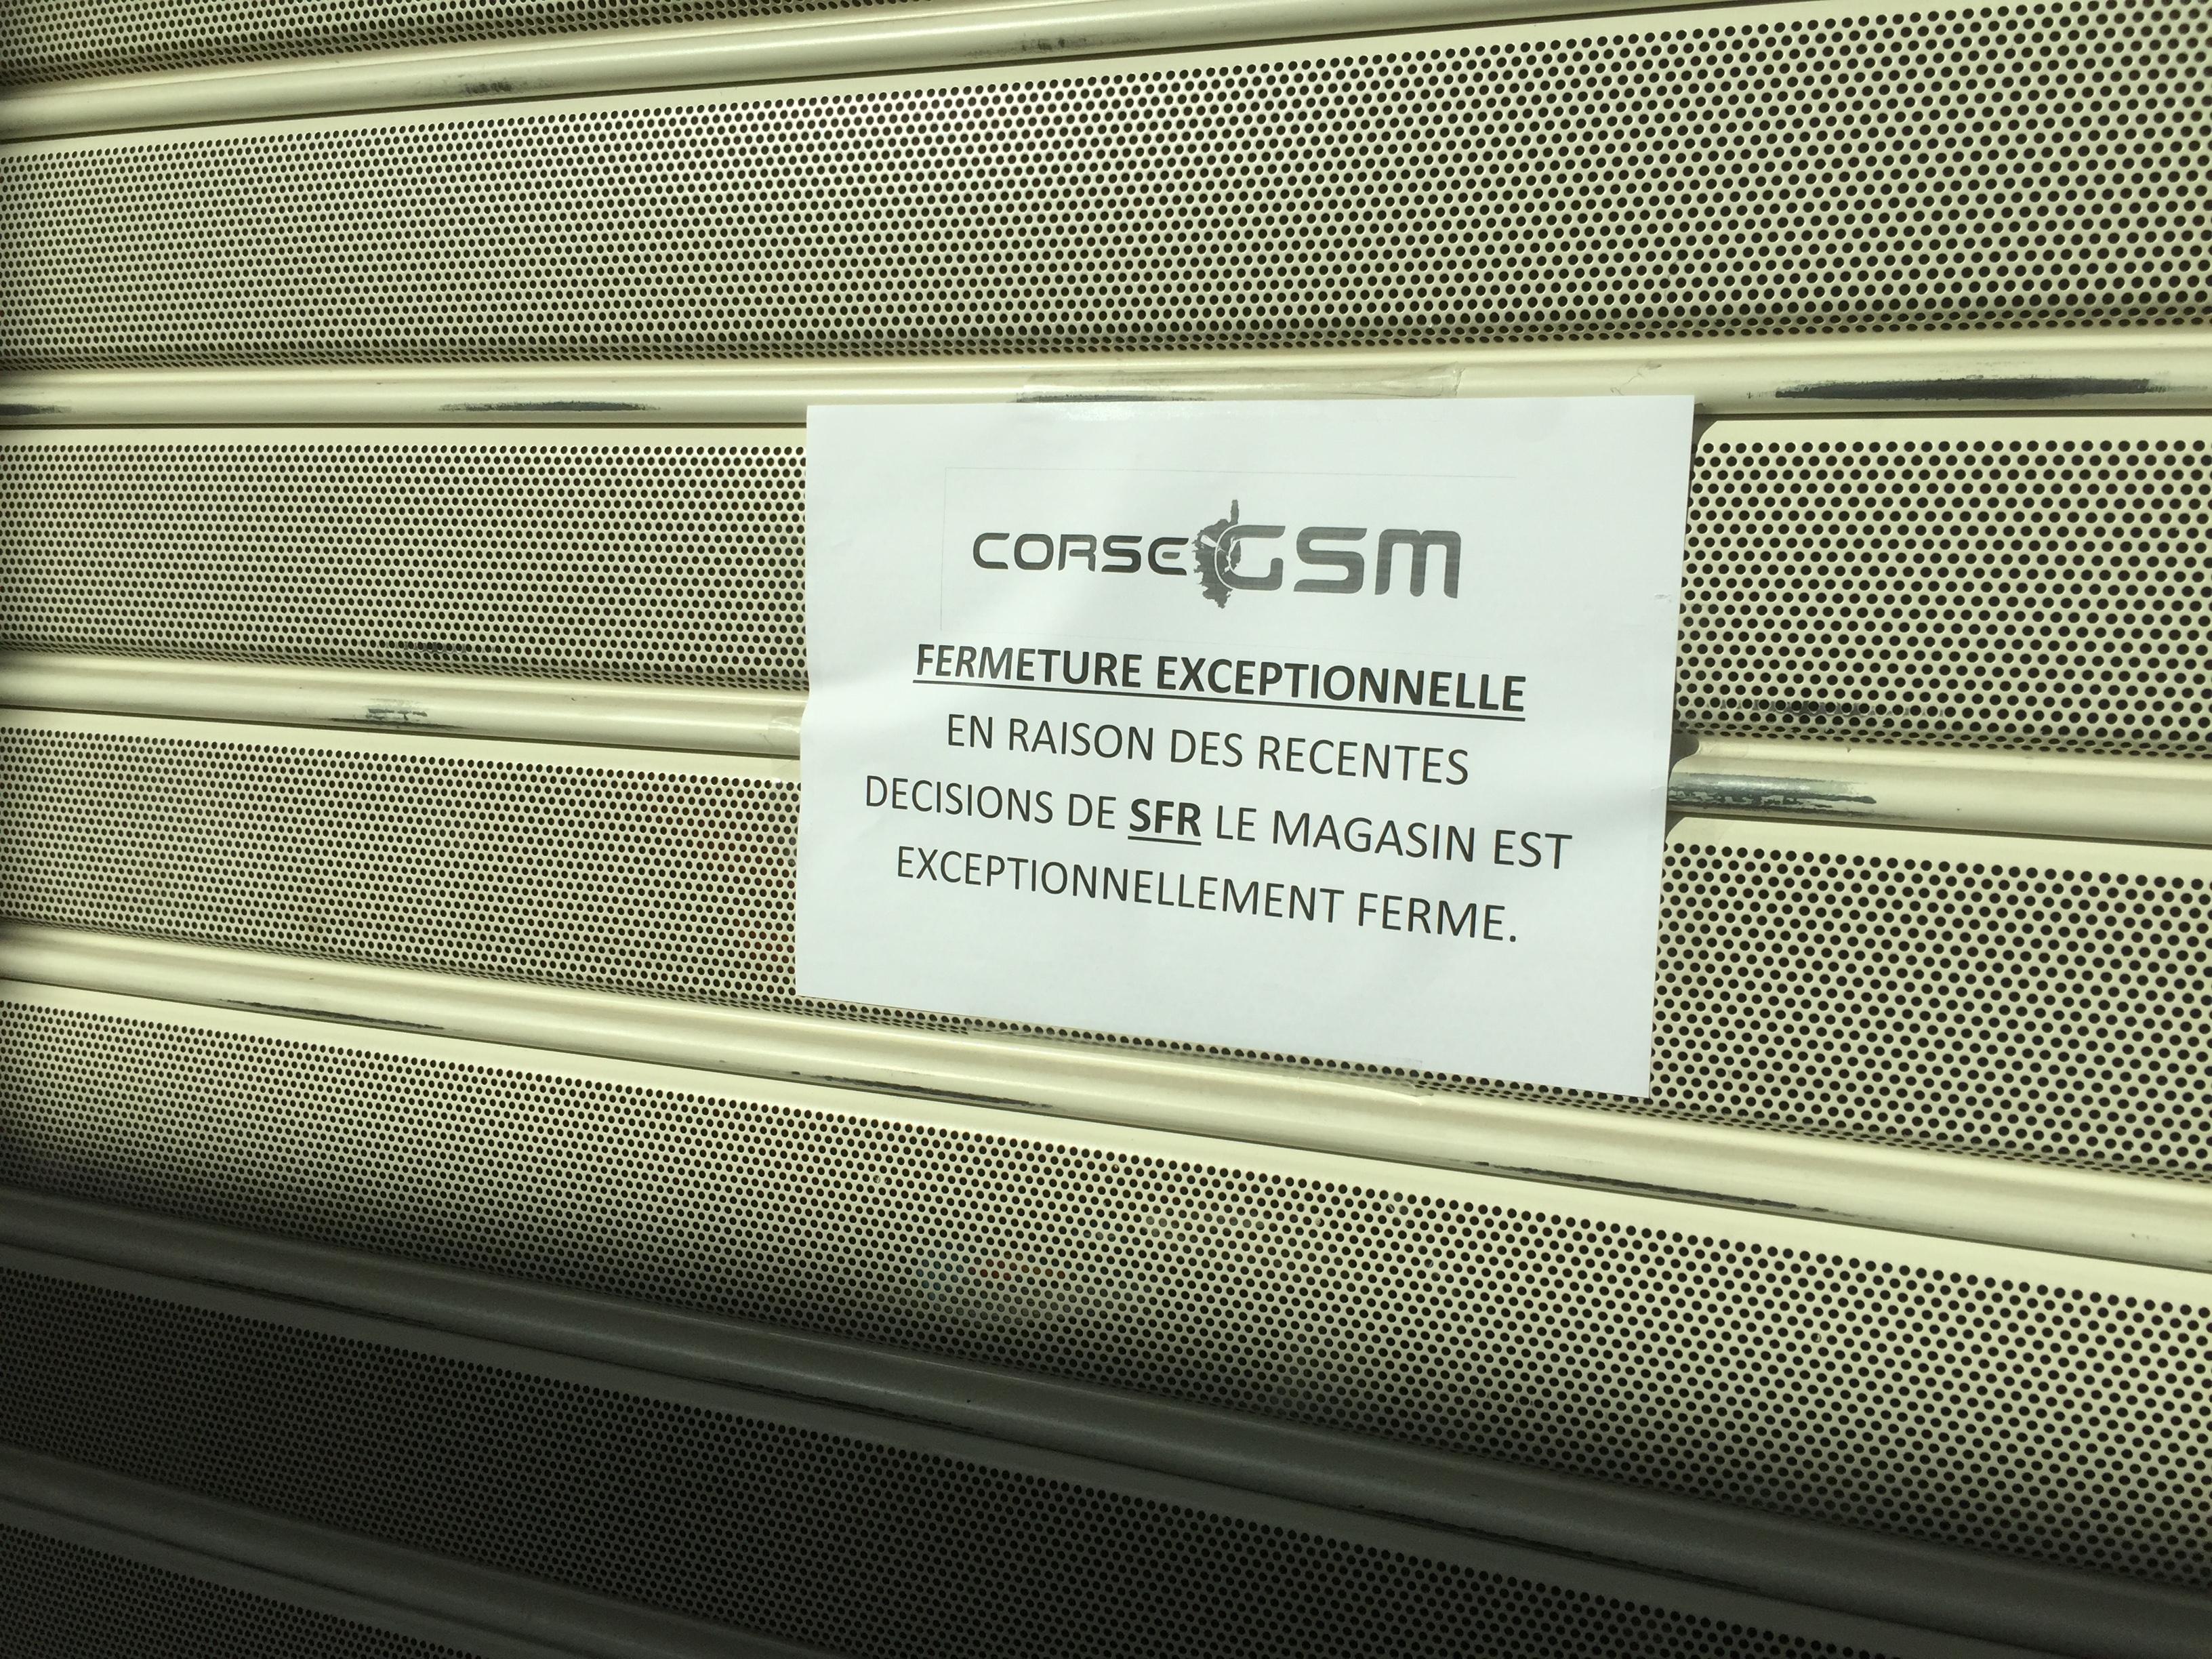 Corse GSM : Une centaine d'emplois menacée